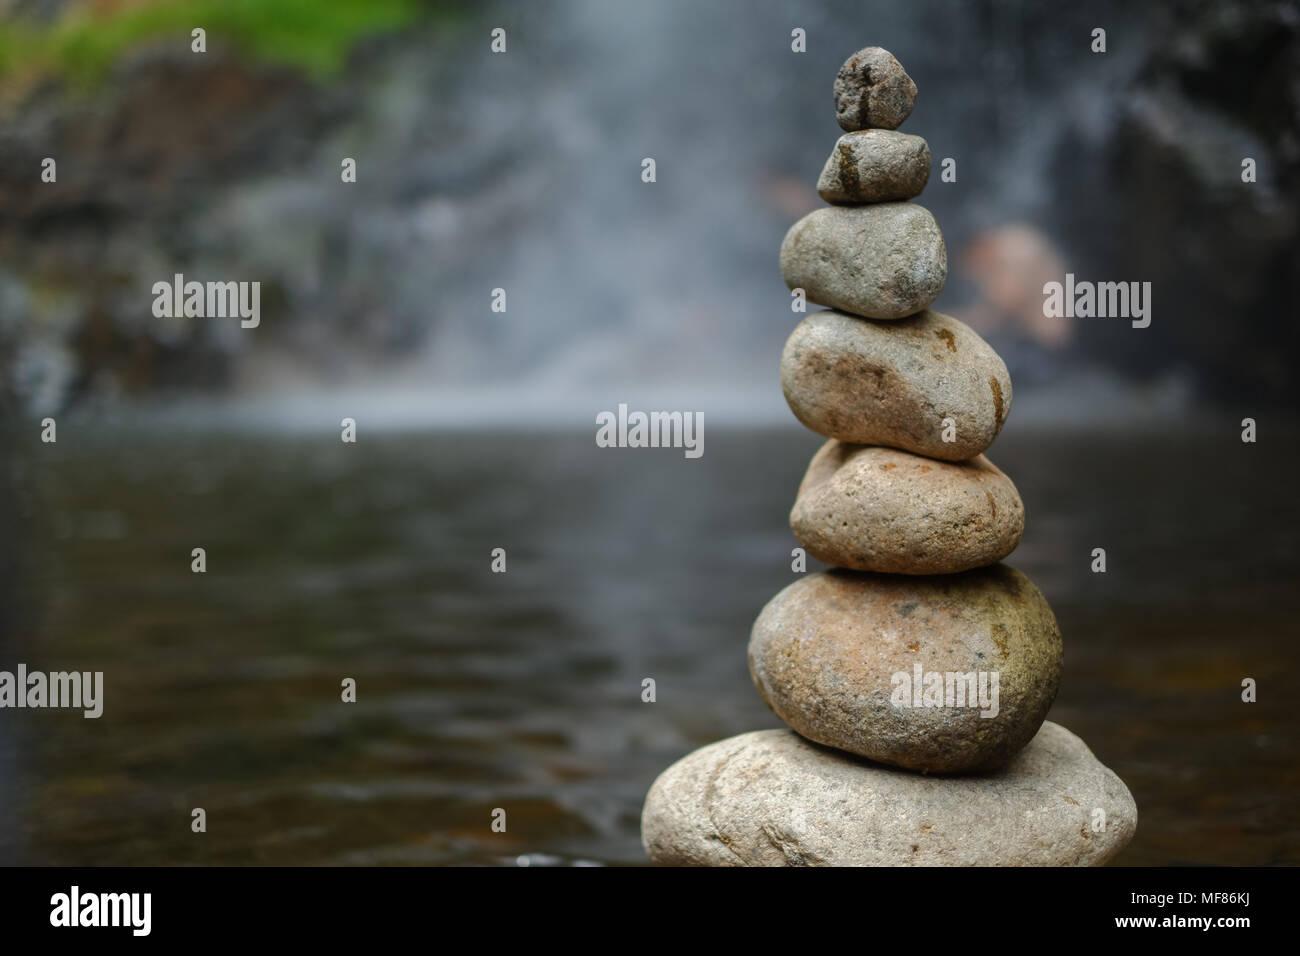 Pebble sulla cascata. La royalty di alta qualità gratuitamente il punto della piramide di pietre sulla cascata di ghiaia che simboleggiano la stabilità, zen, armonia, equilibrio Immagini Stock